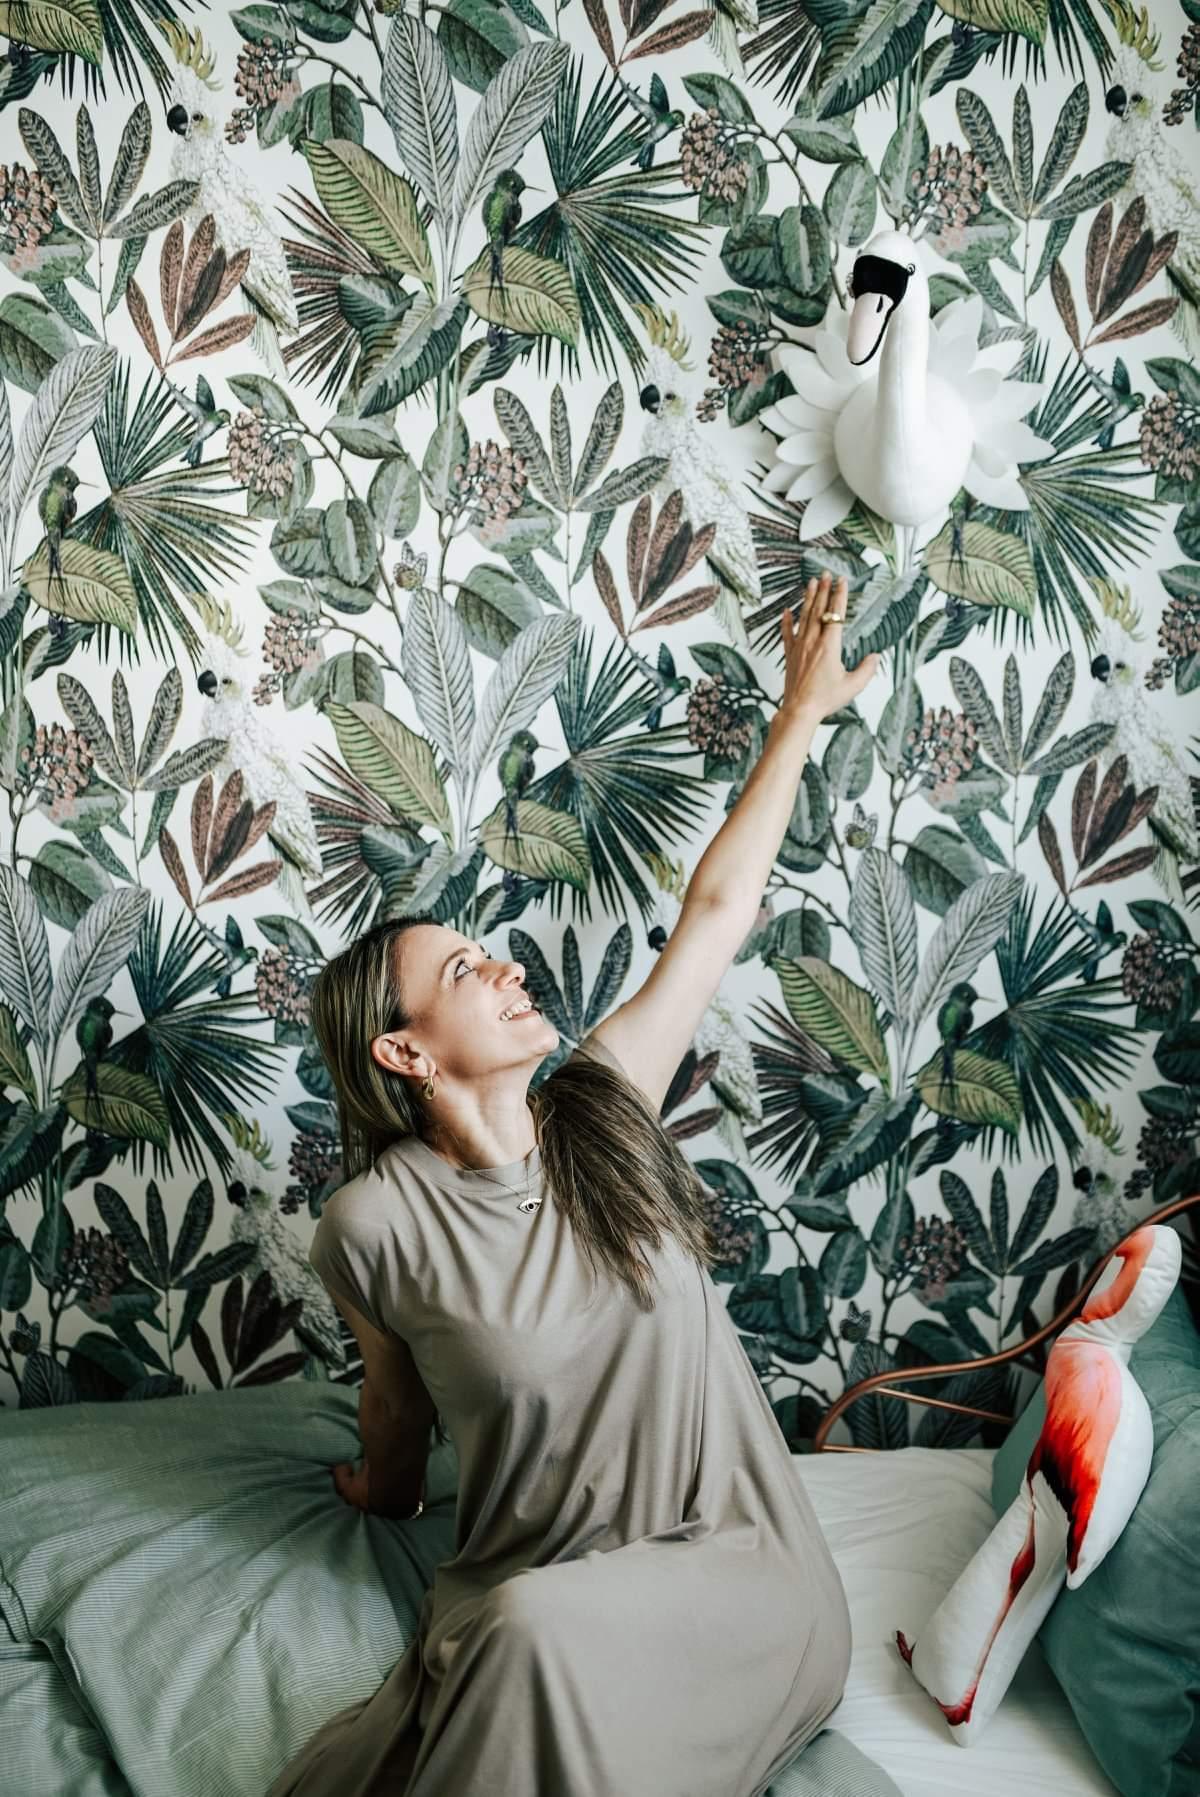 #החדר של שחר | לימור אורן עיצוב והום סטיילינג